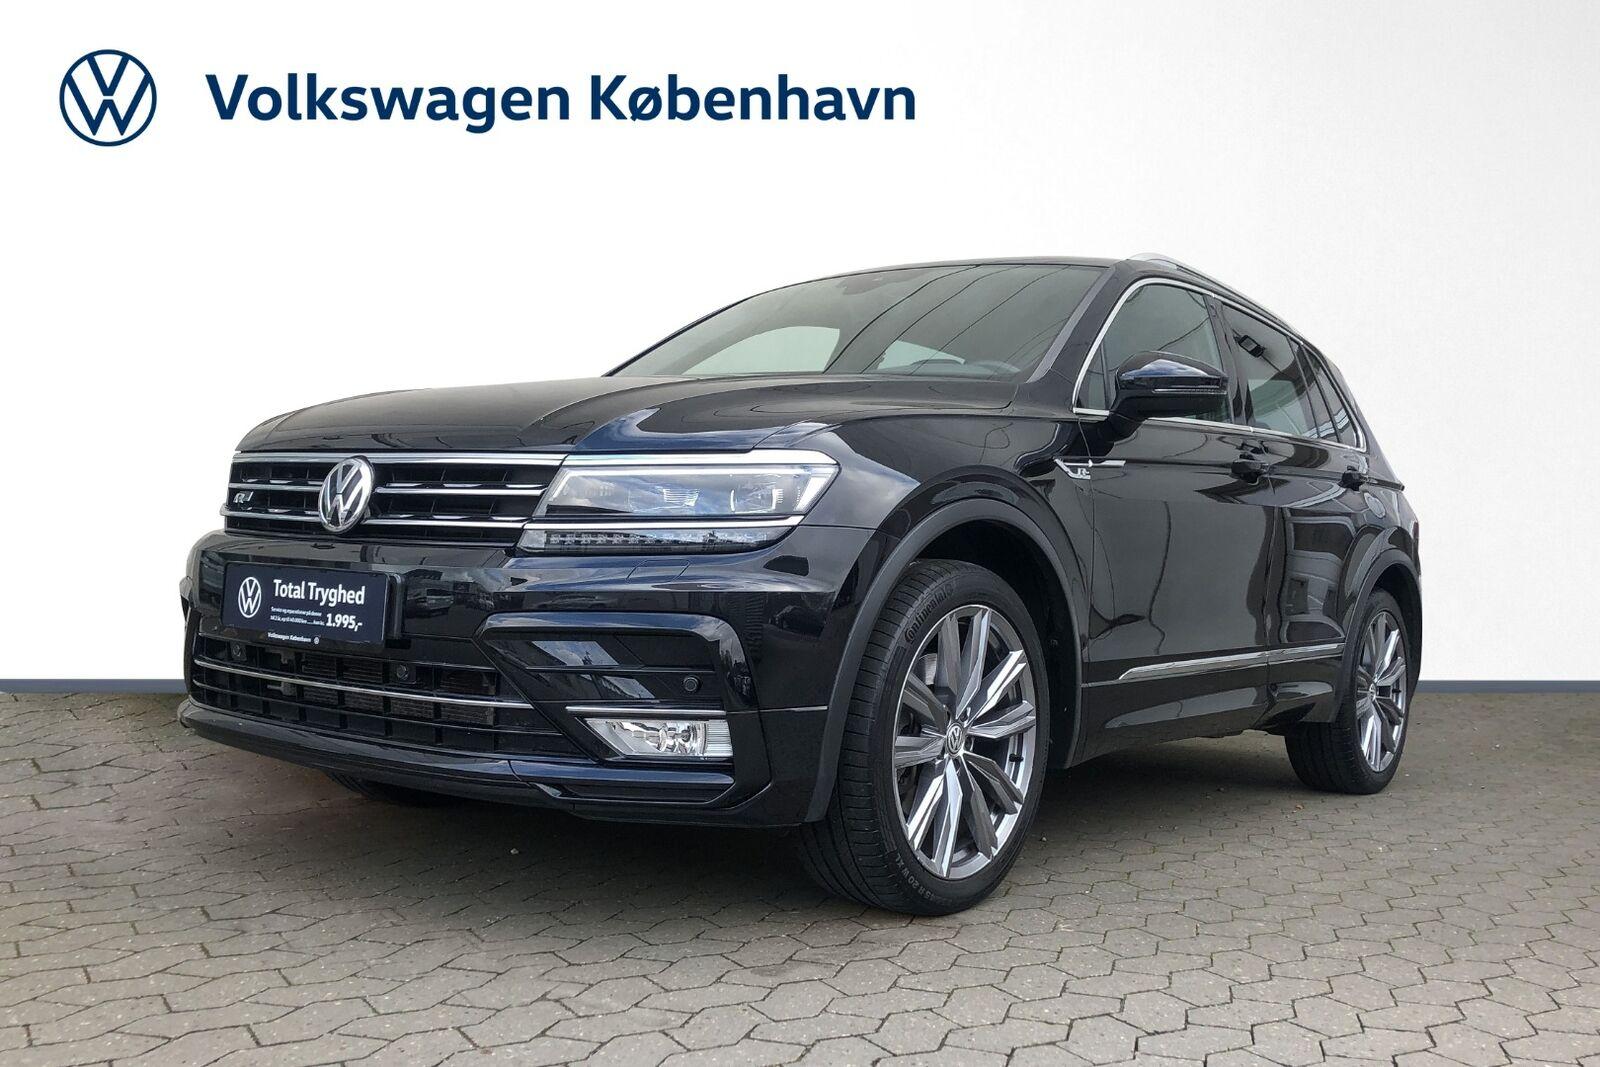 VW Tiguan 2,0 TSi 220 Highline DSG 4M 5d - 449.900 kr.